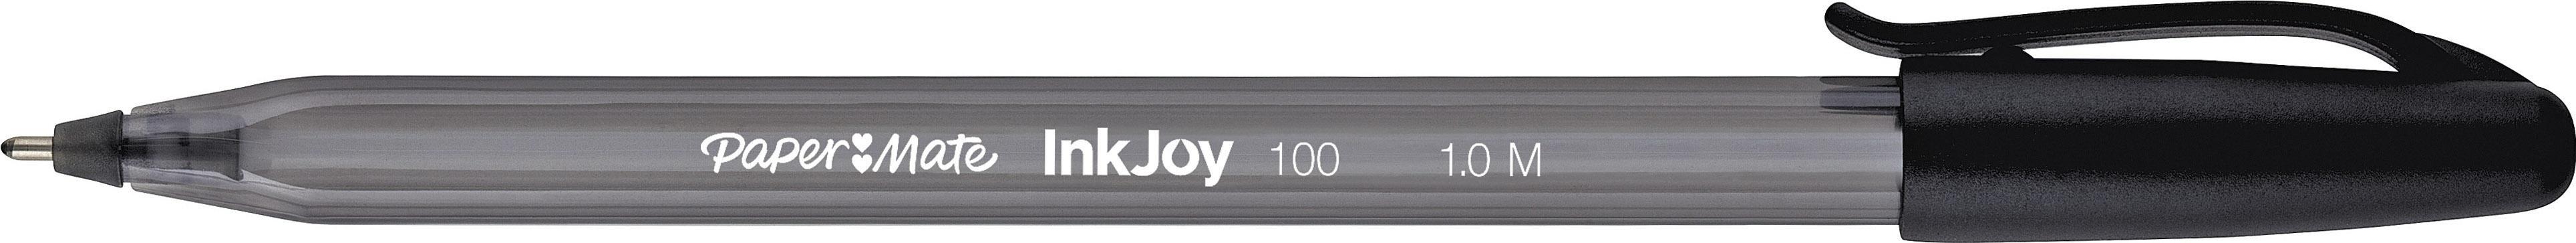 Ручка шариковая InkJoy 100